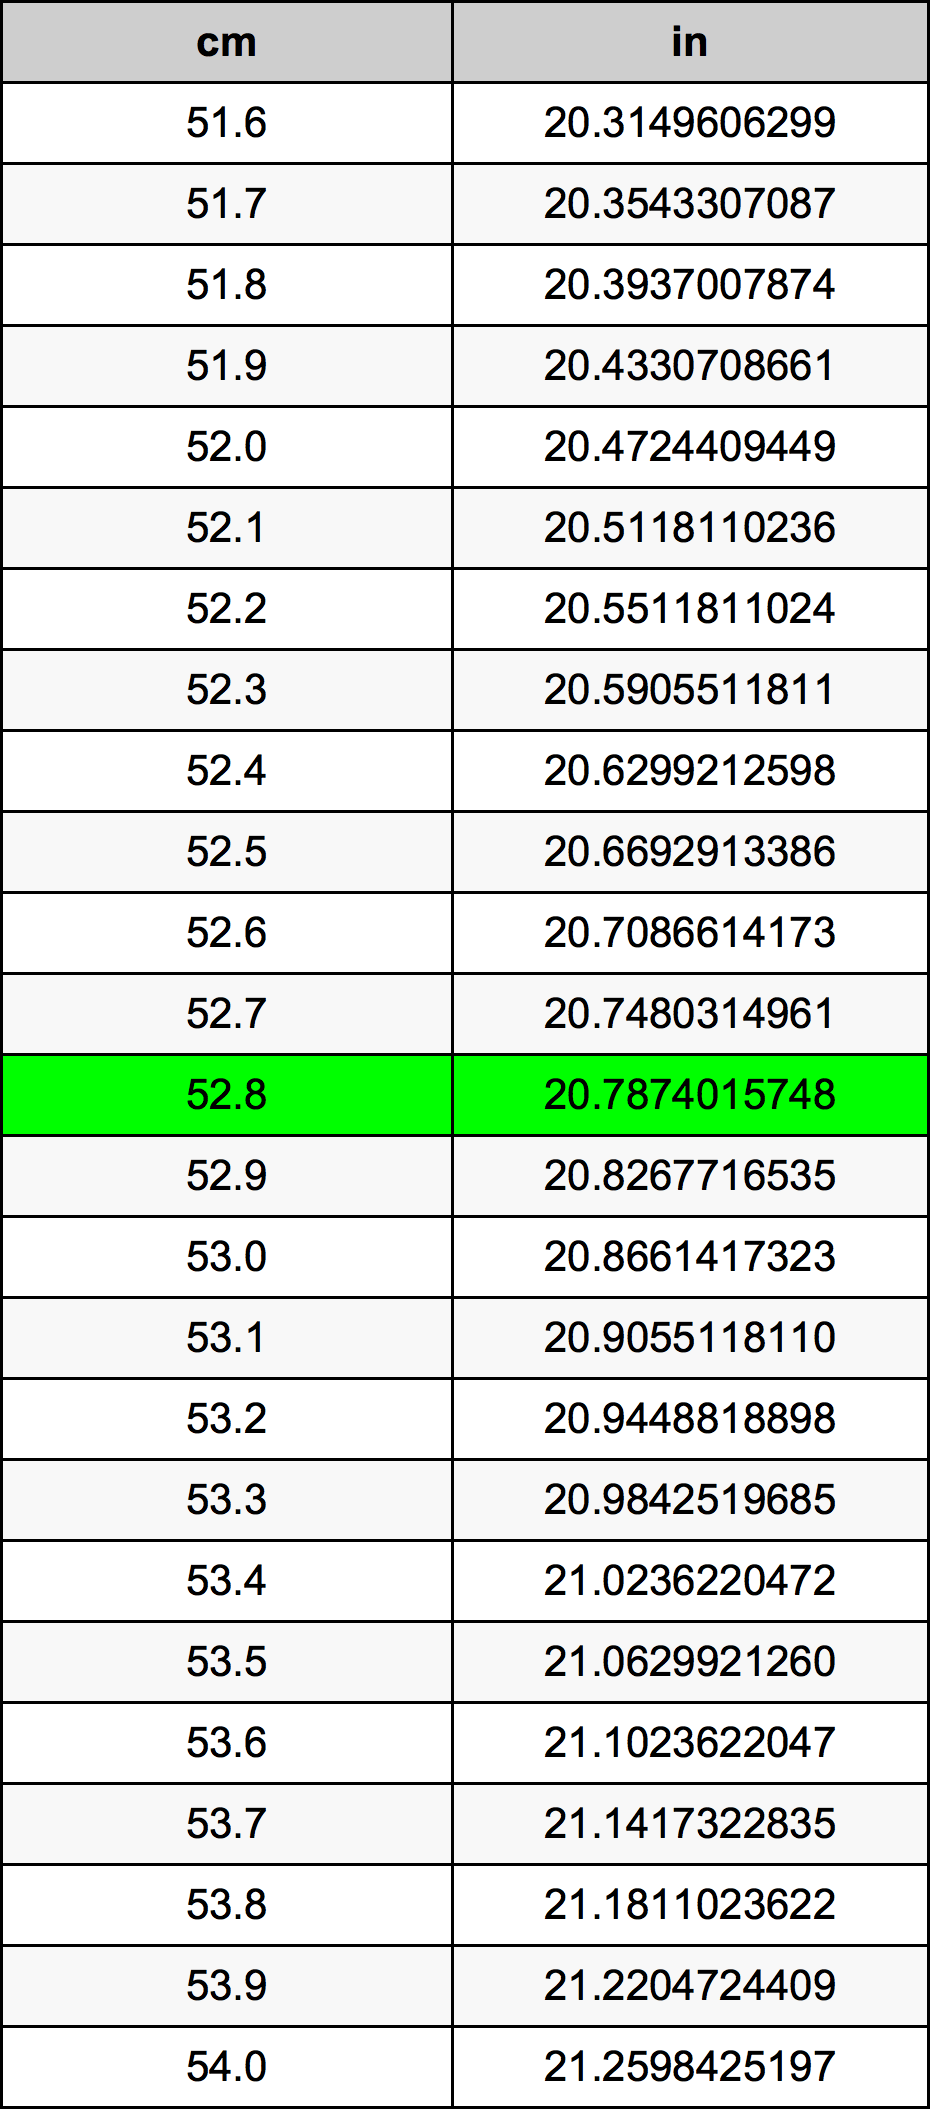 52.8 Centimetar Tablica konverzije